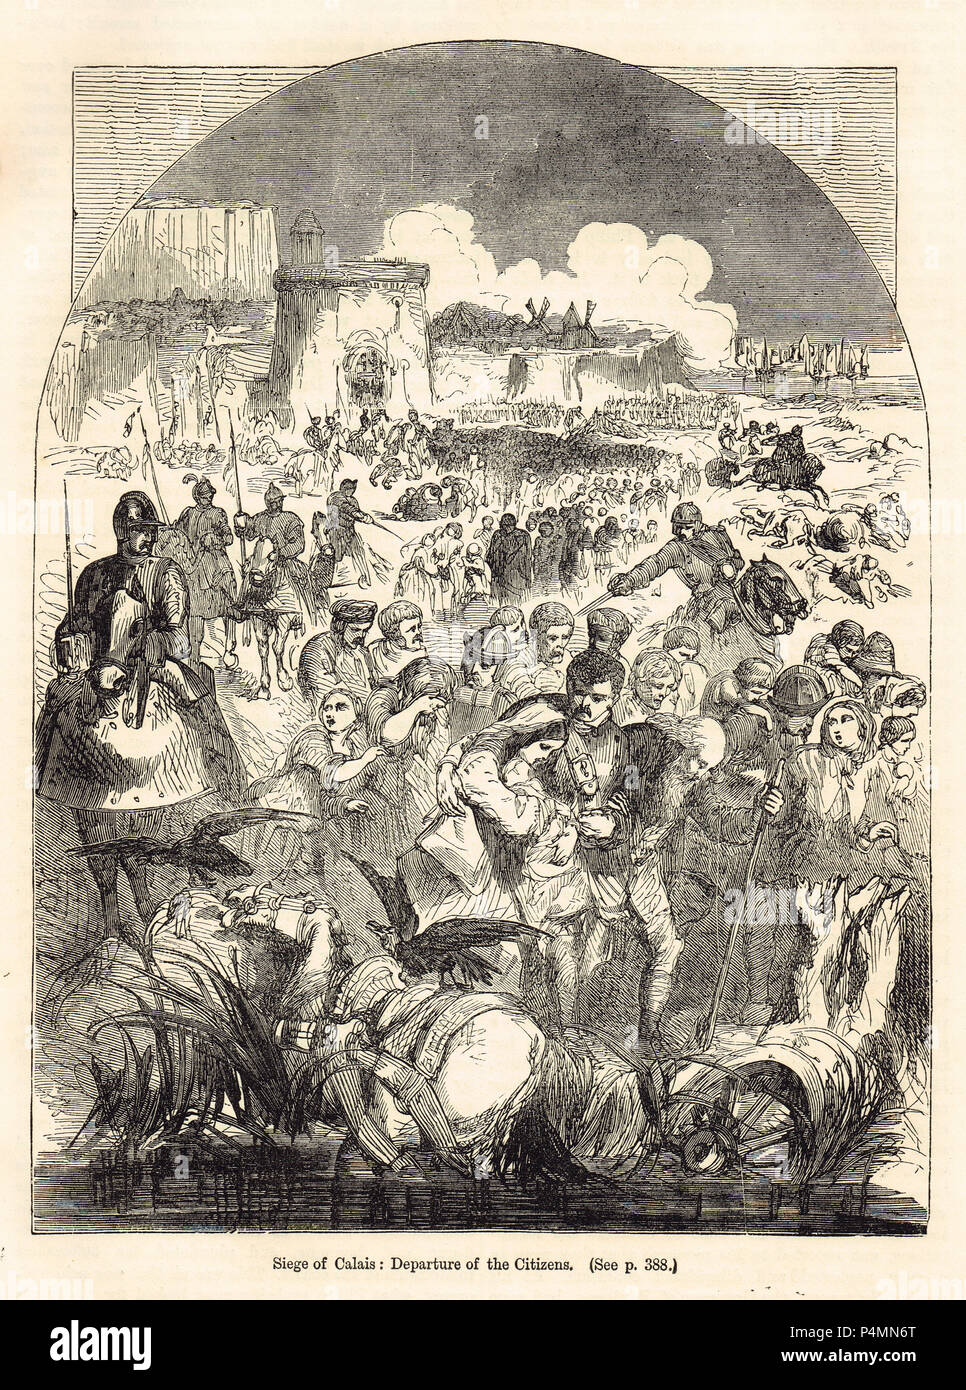 Die Belagerung von Calais, Abreise der Bürger, Januar 1558 Stockbild